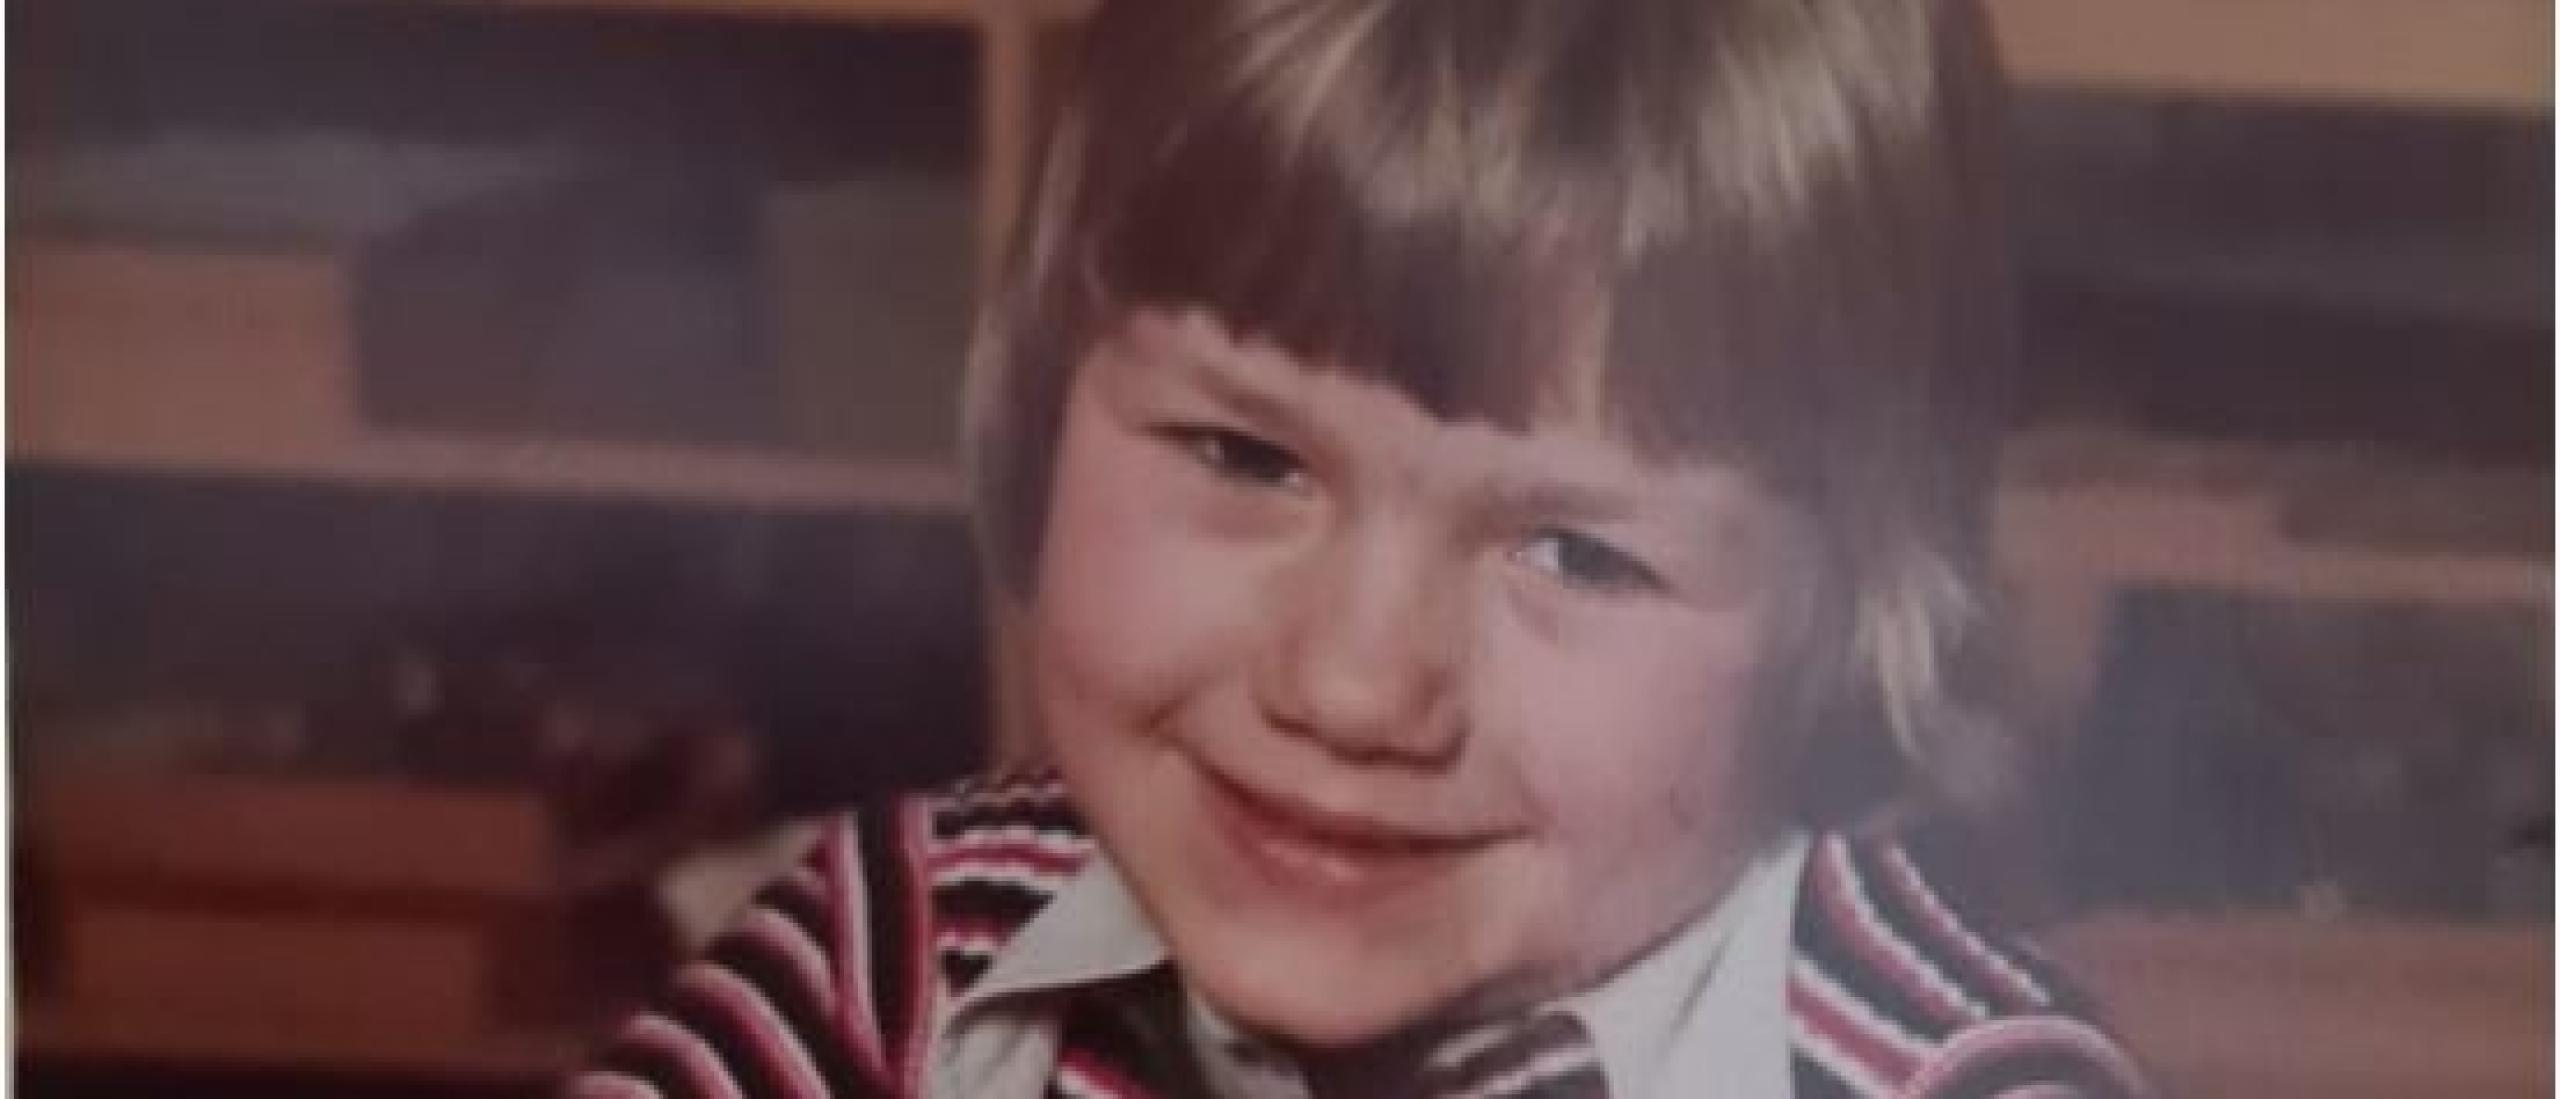 De kindertijd van Corine van Zoelen